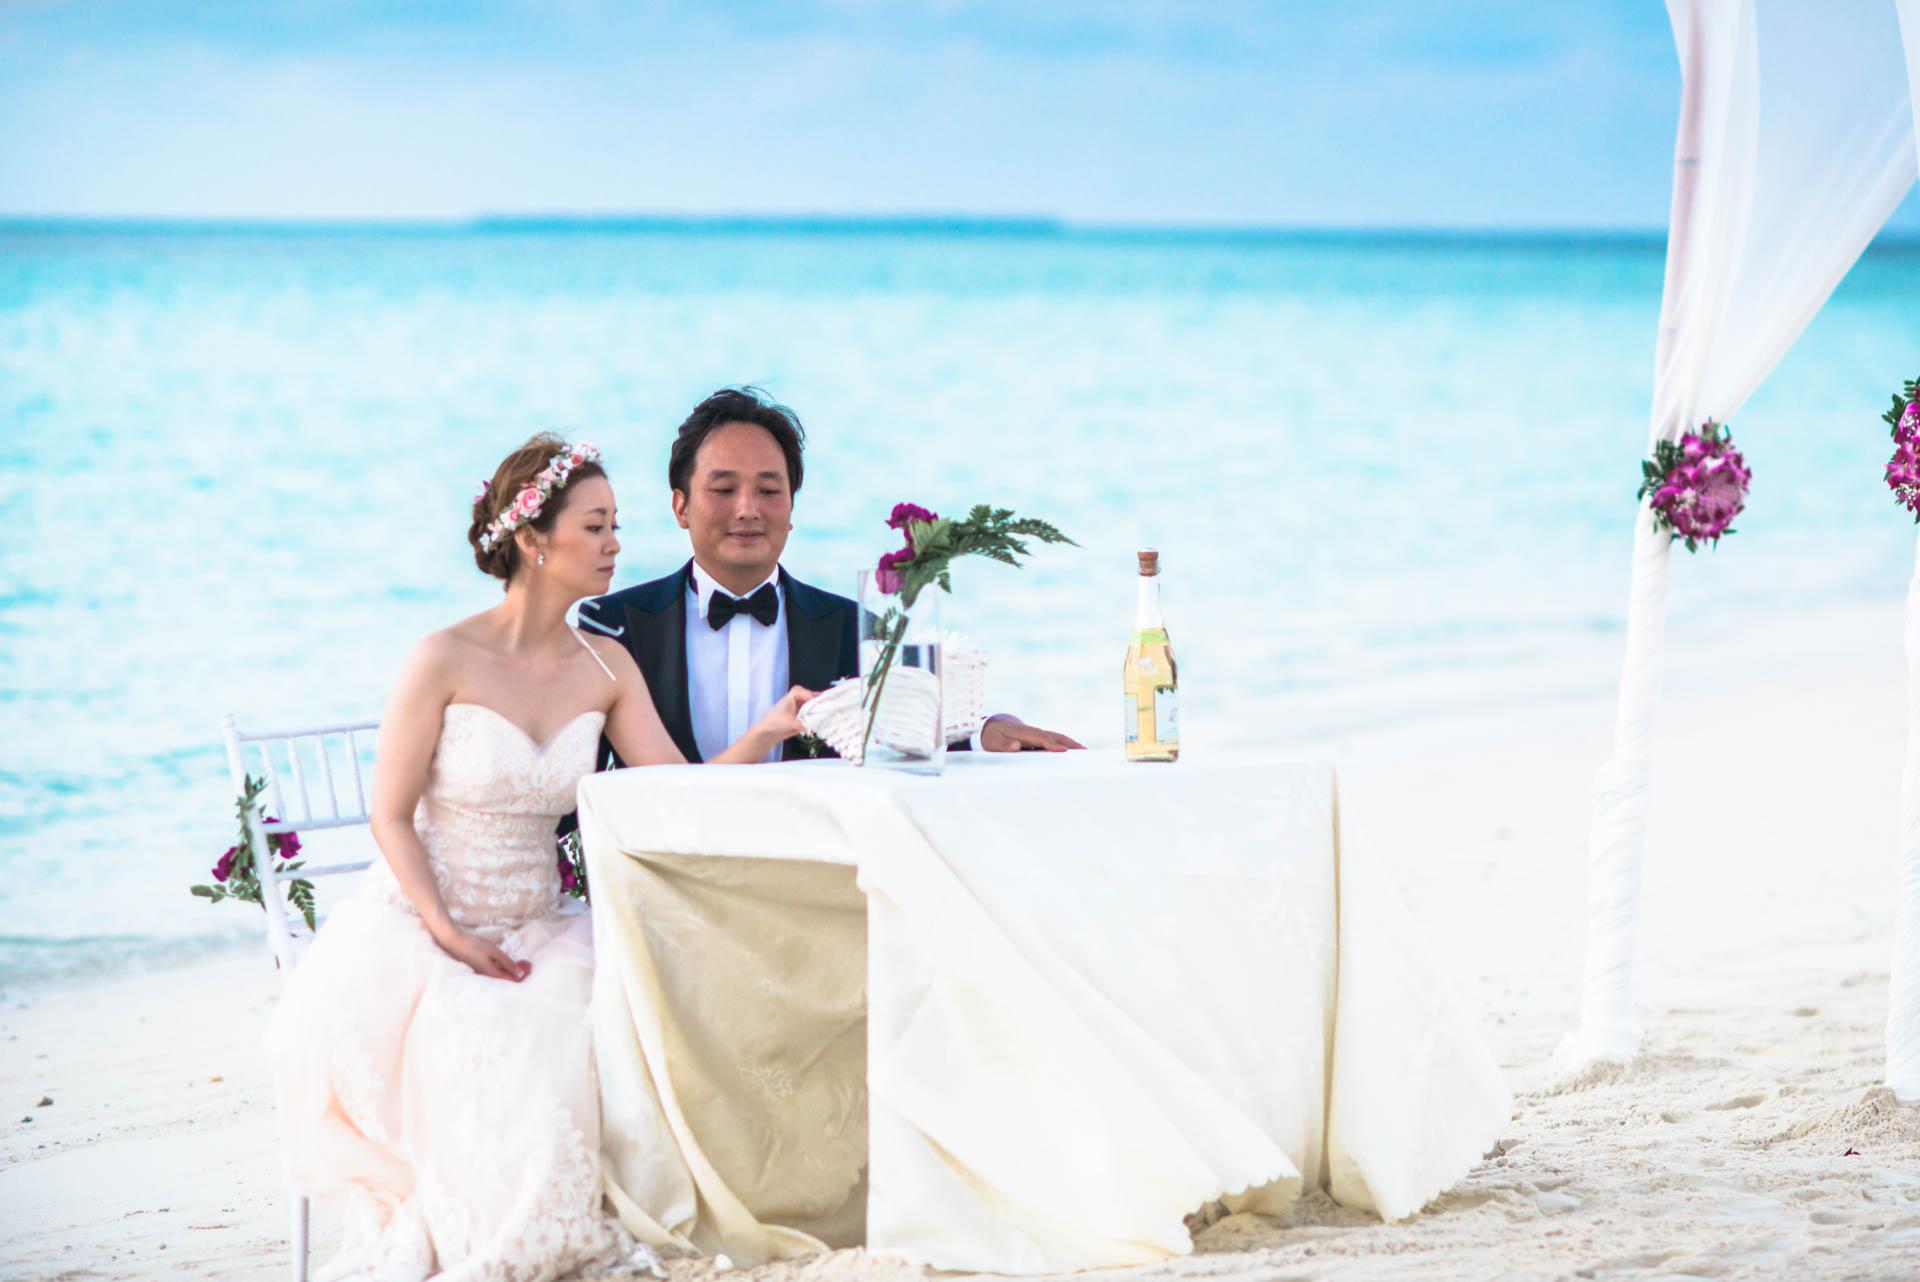 Kang Kim Sand Bank Wedding at St Regis Vommuly Maldives 5